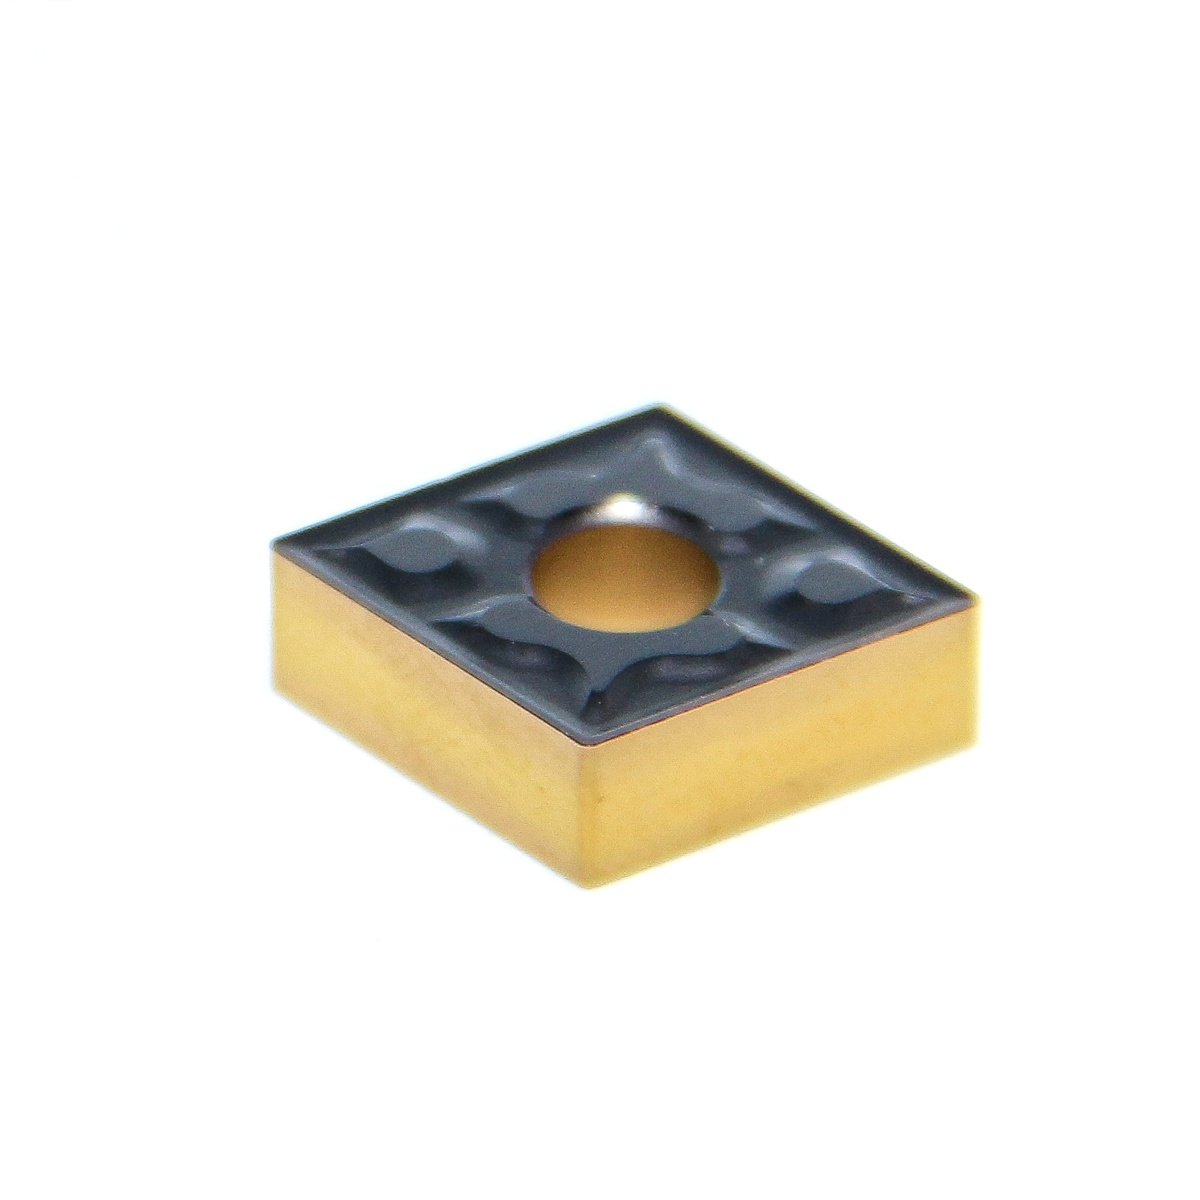 Пластина для токарной обработки CNMG 120404